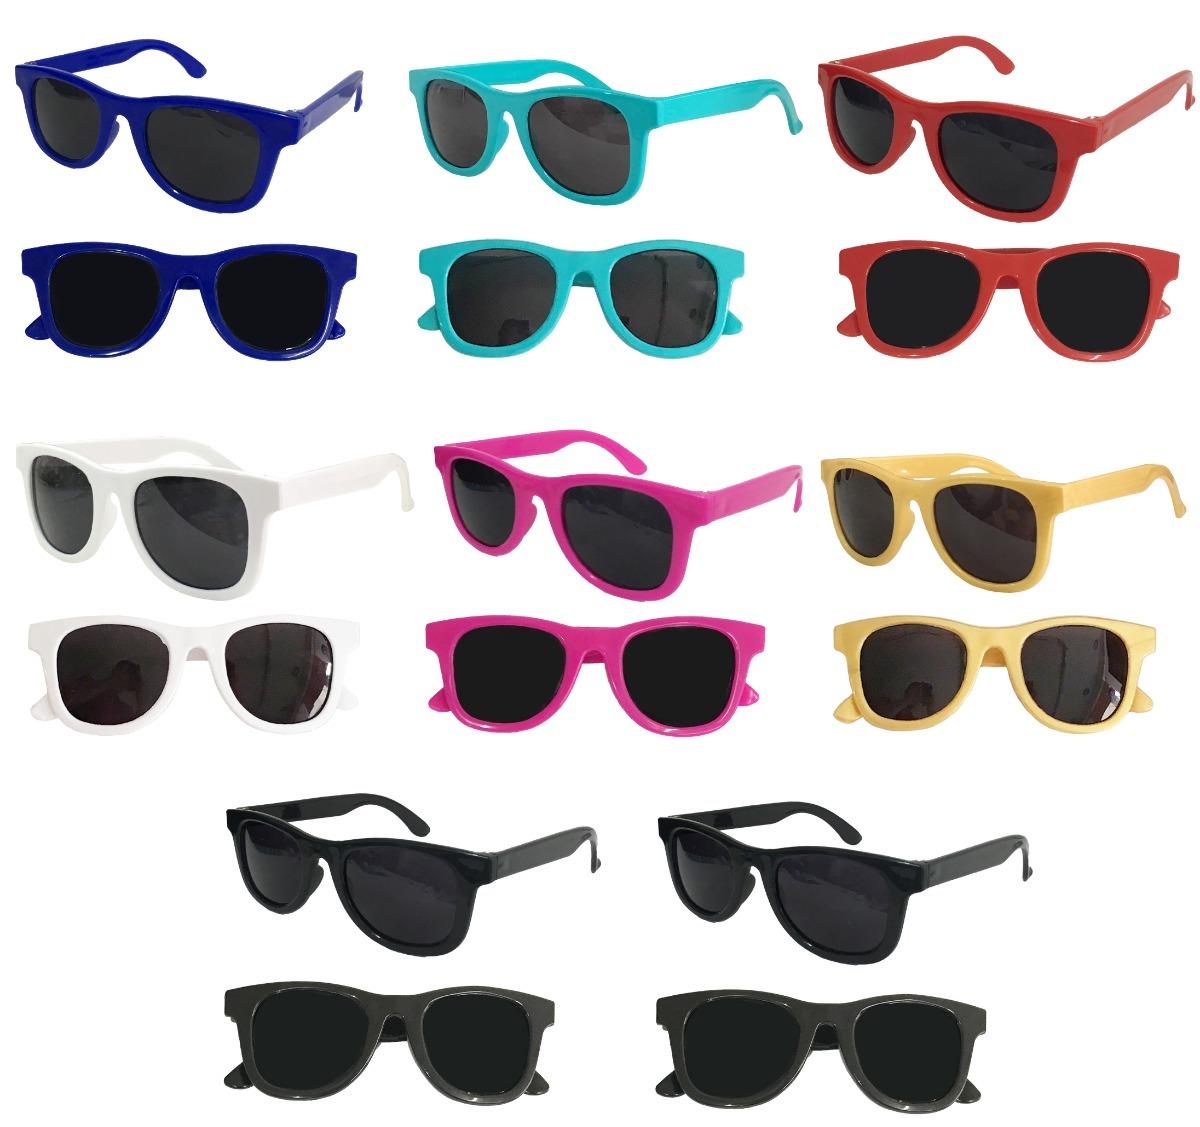 d1162c9df Kit 10 Óculos Sol Infantil Criança Uv400 Promoção Atacado - R$ 100 ...